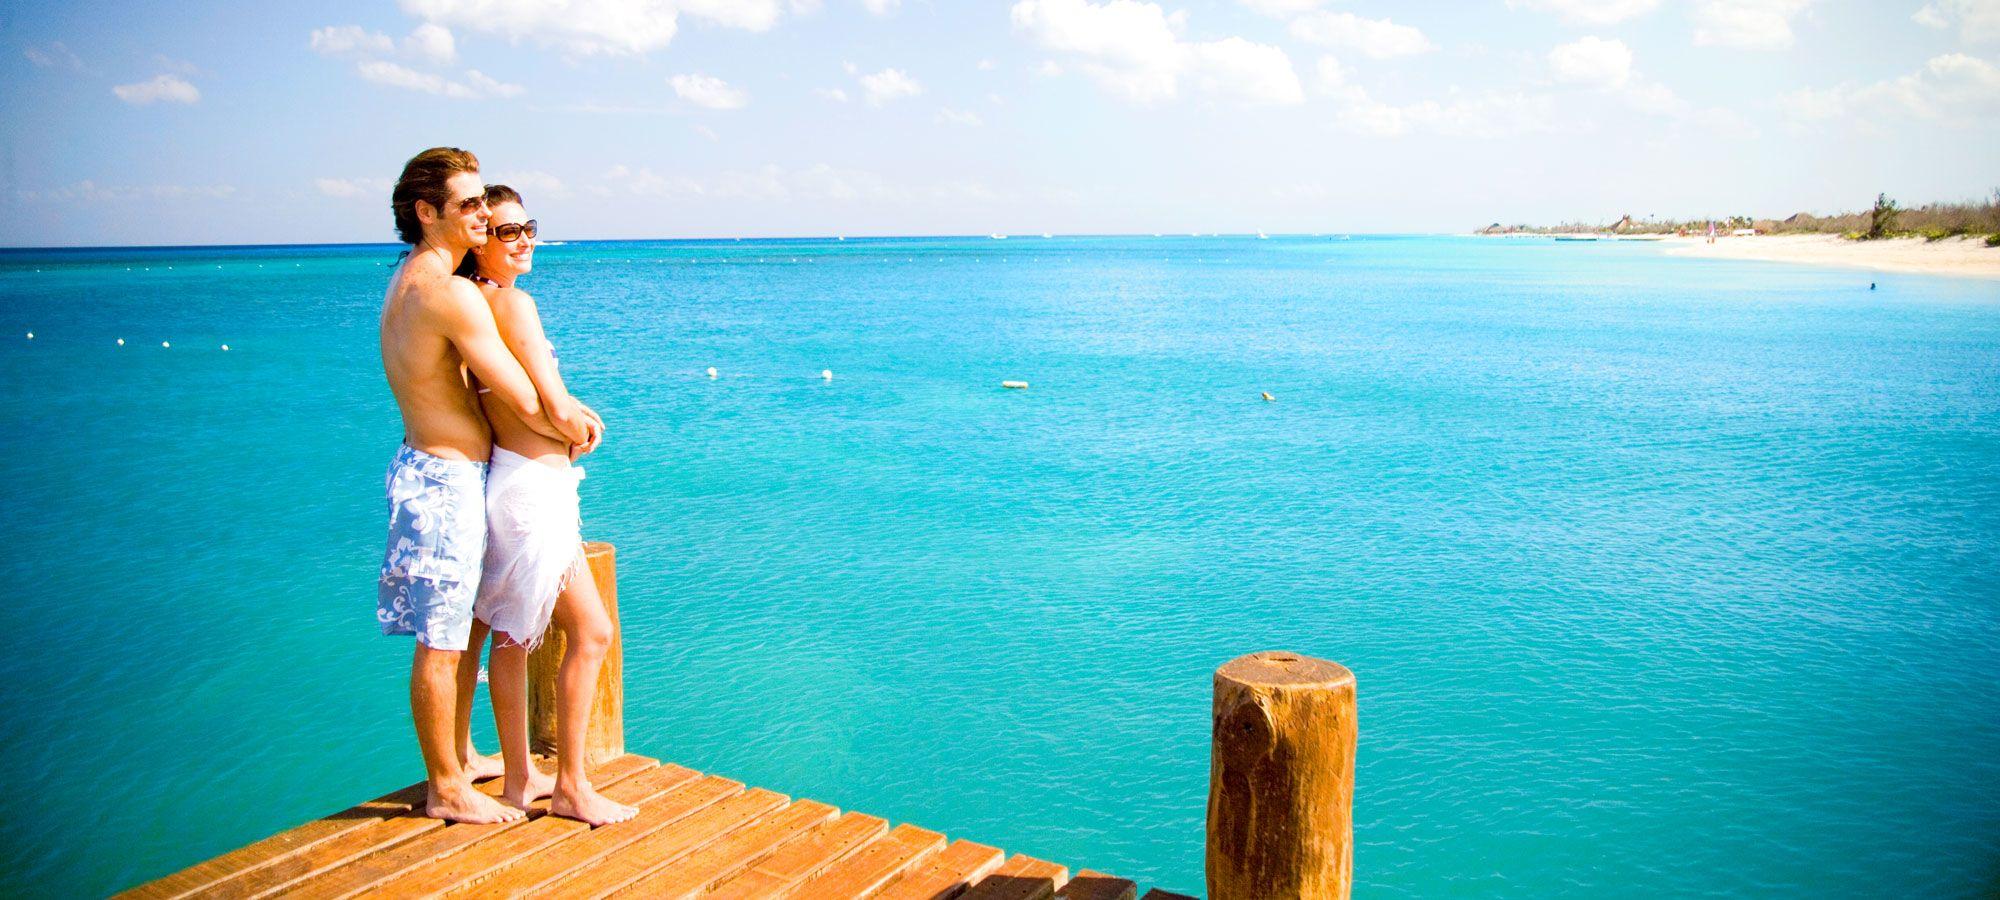 Worlds Best Romantic Dive Destinations